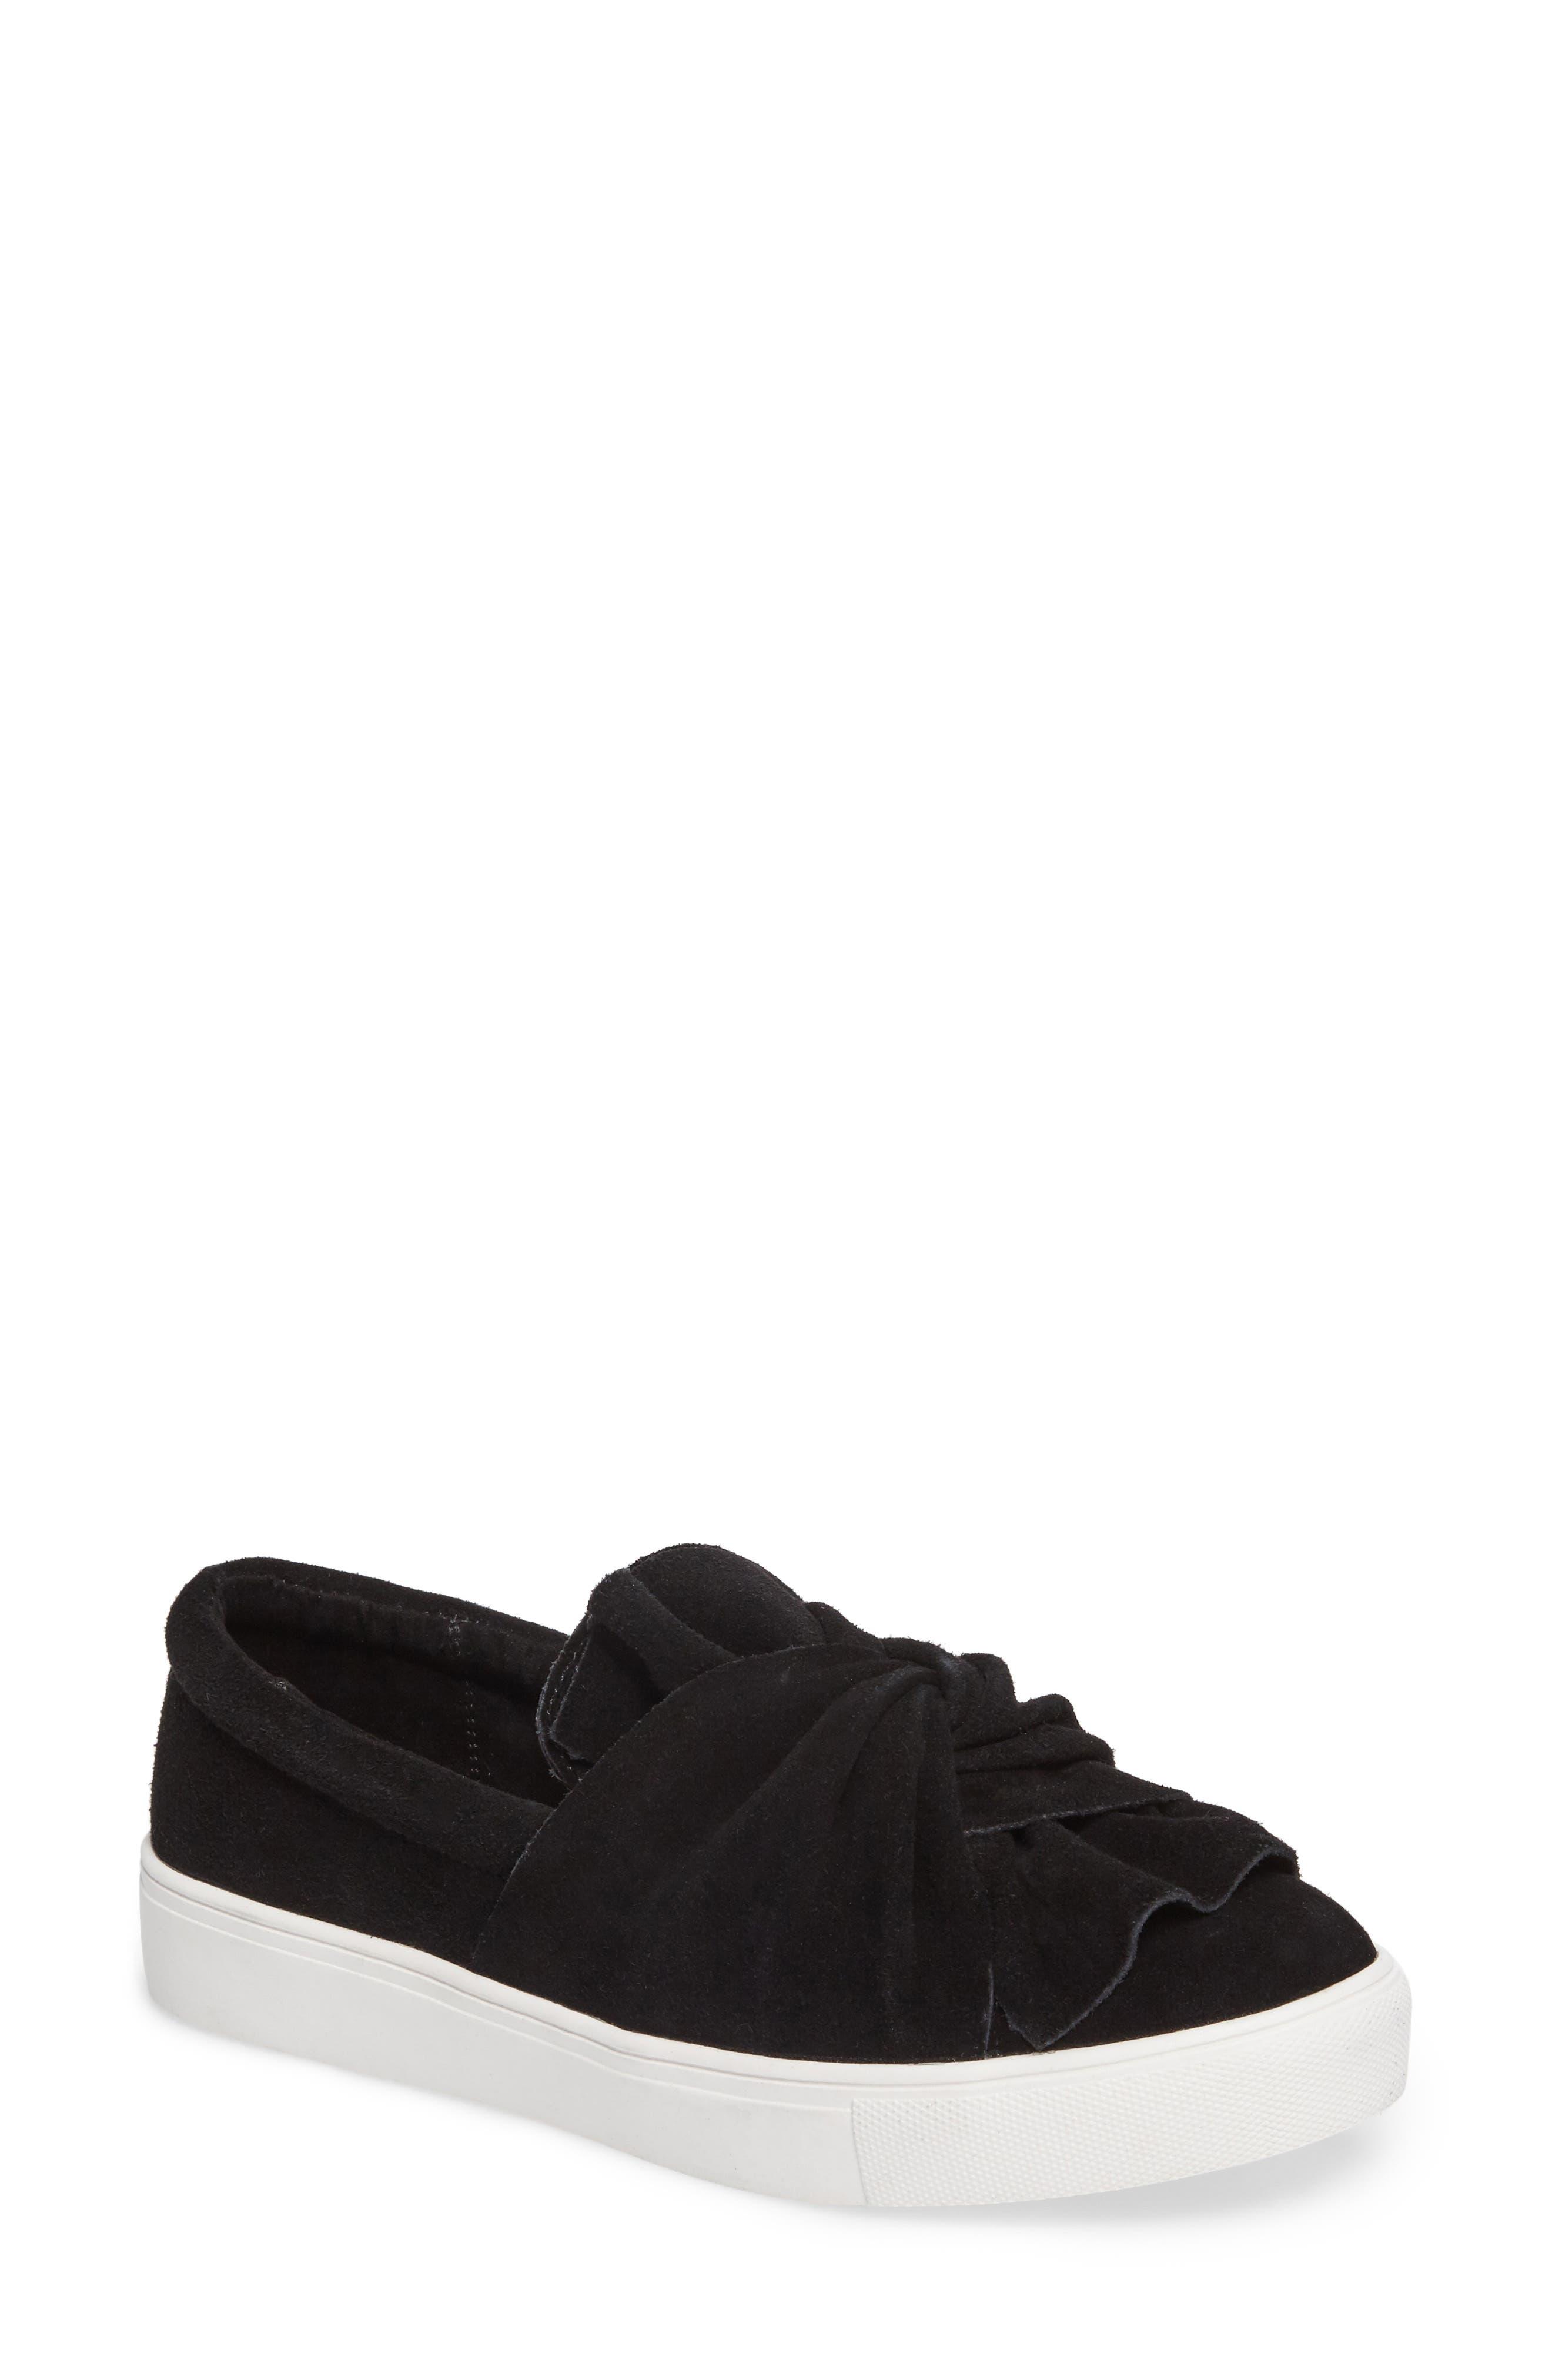 Zahara Slip-On Sneaker,                         Main,                         color, 001